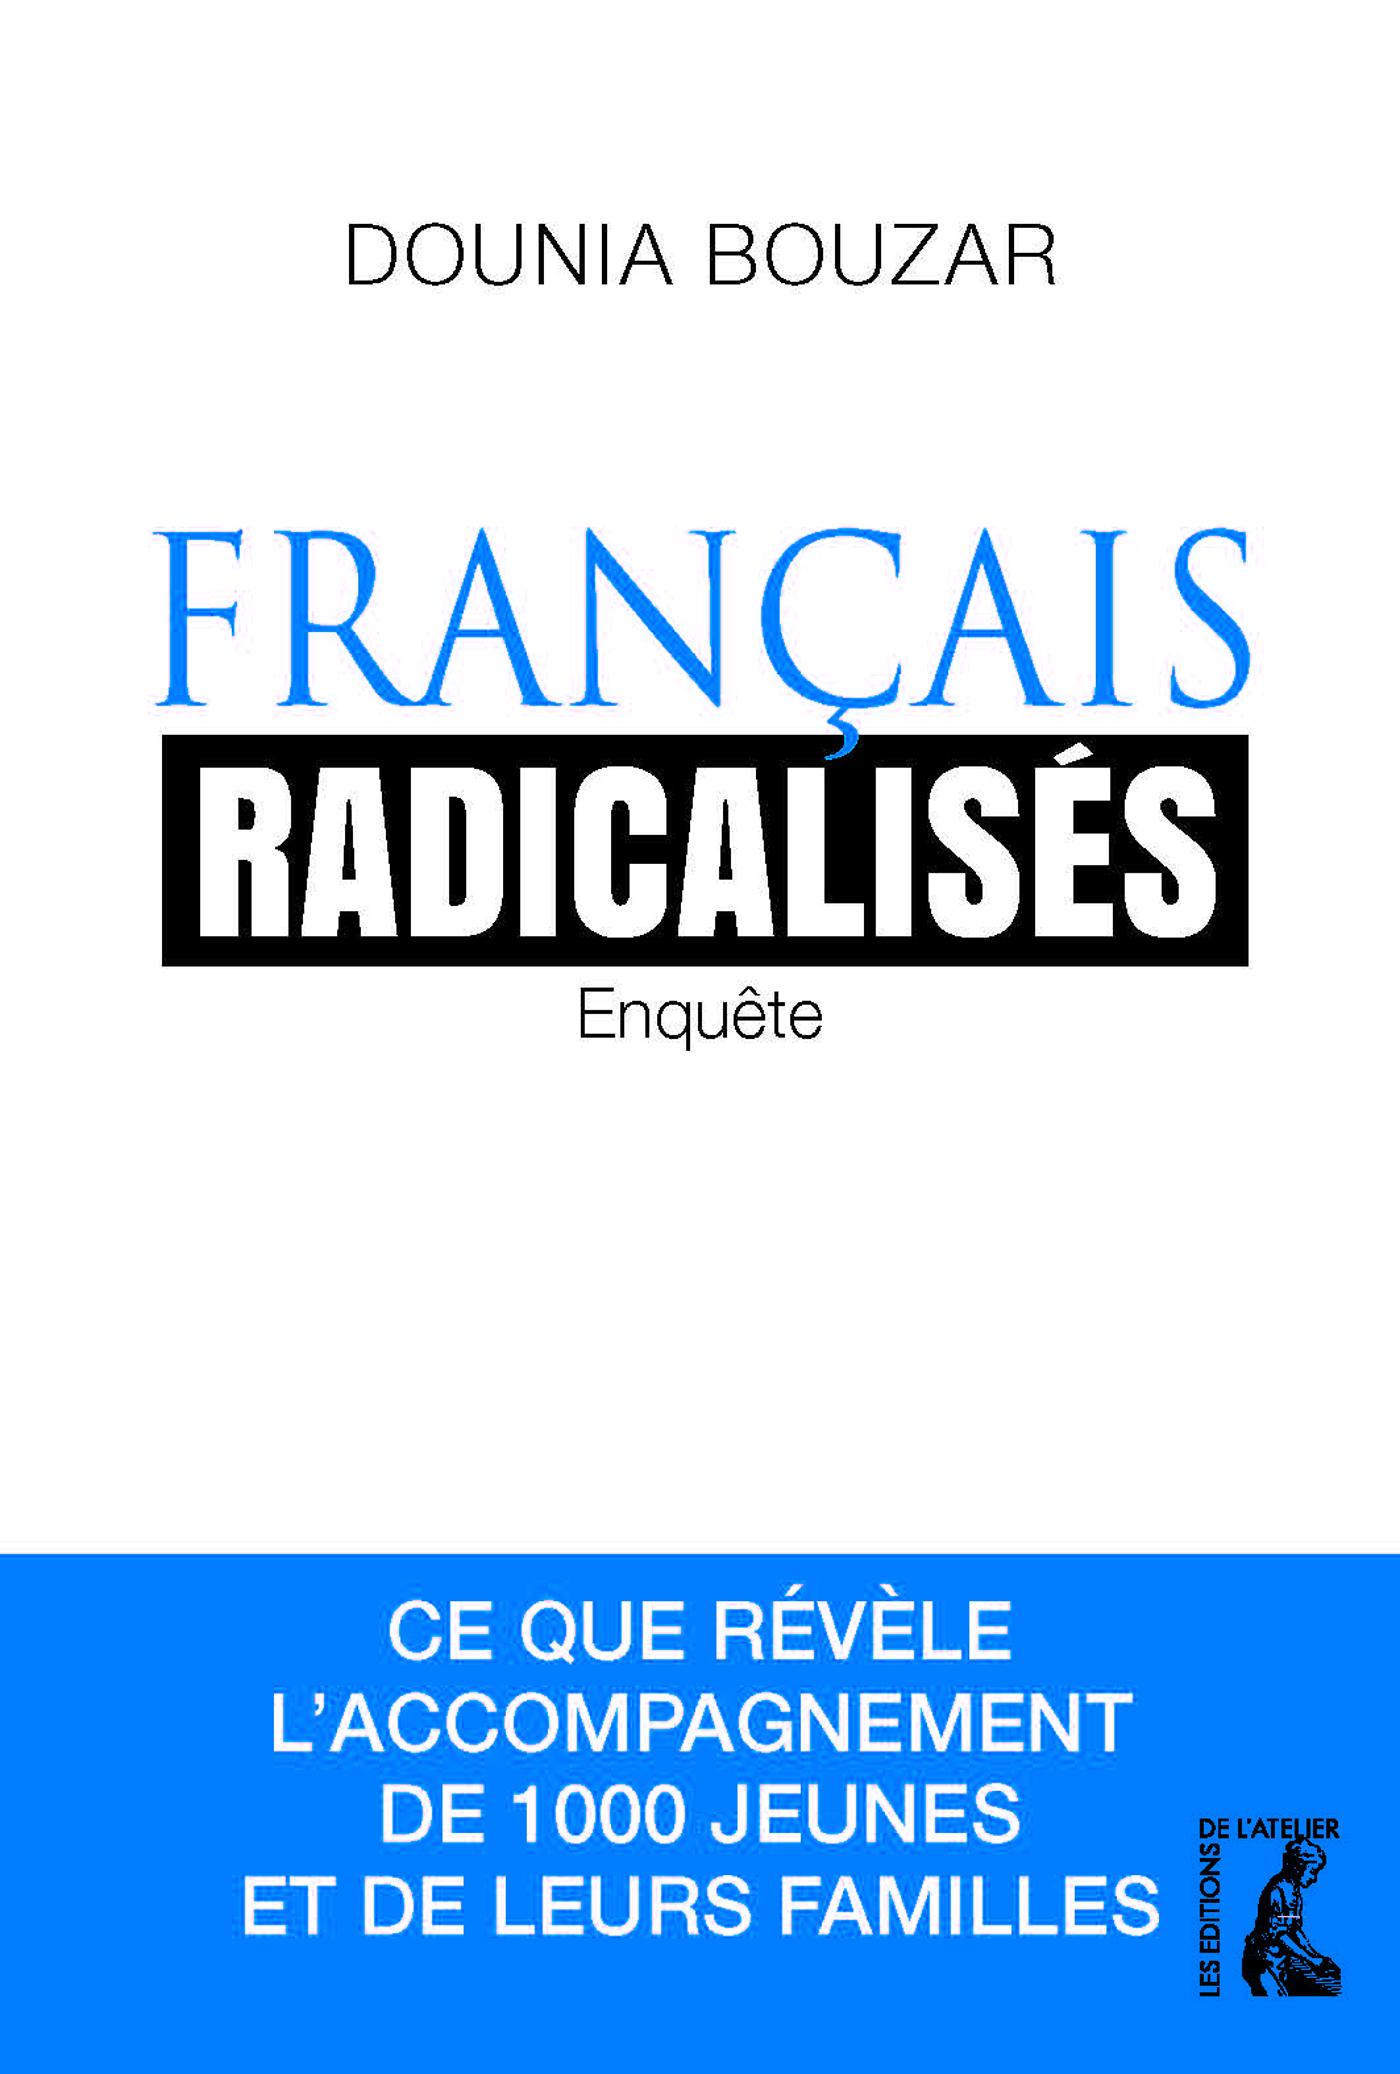 FRANCAIS RADICALISES. ENQUETE - CE QUE REVELE L'ACCOMPAGNEMENT DE 1000 JEUNES ET DE LEURS FAMILLE (F